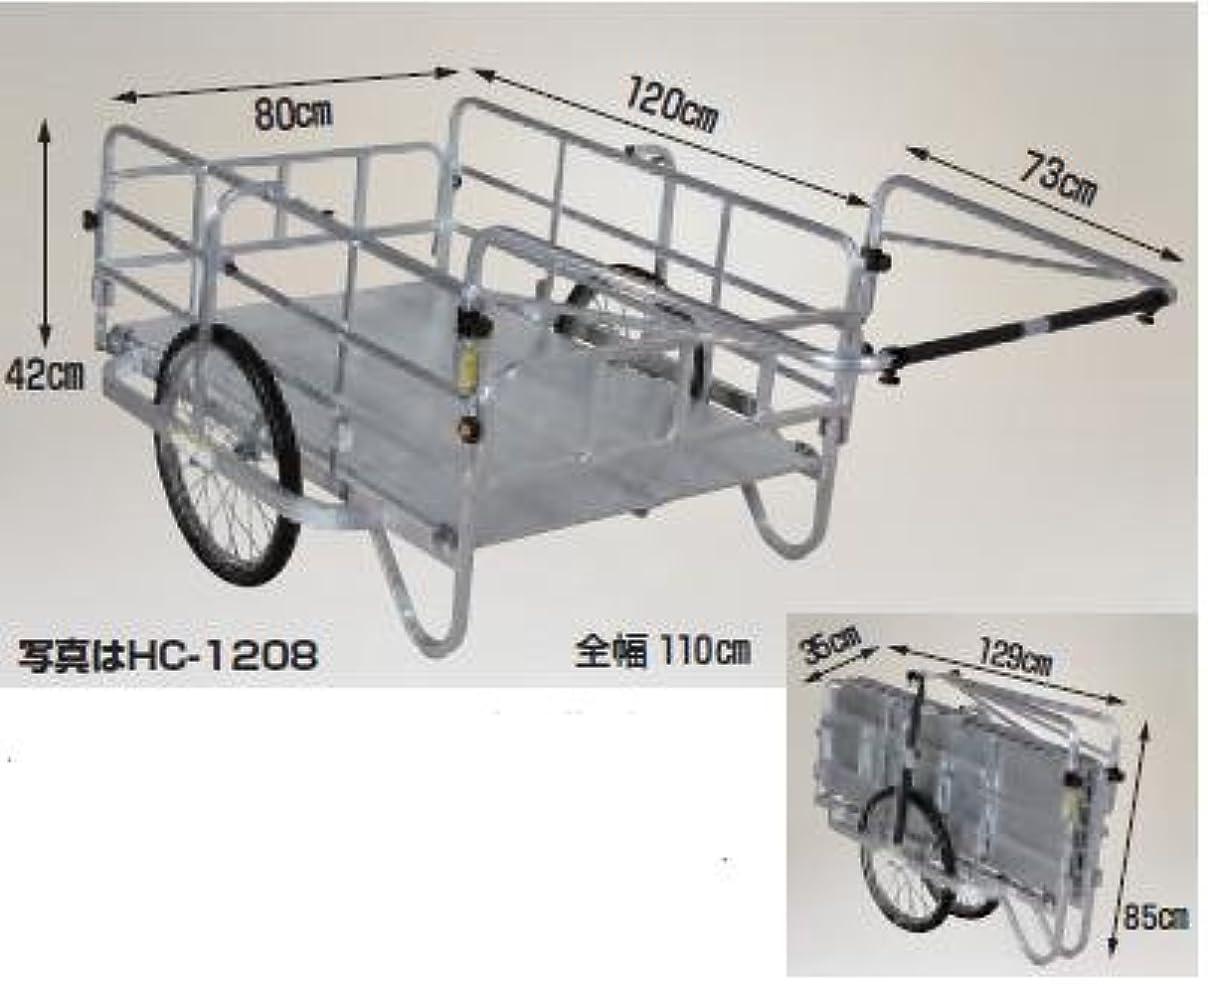 狂った寺院夜ハラックス (HARAX) コンパック アルミ製 折り畳み式リヤカー HC-1208 20インチエアータイヤ